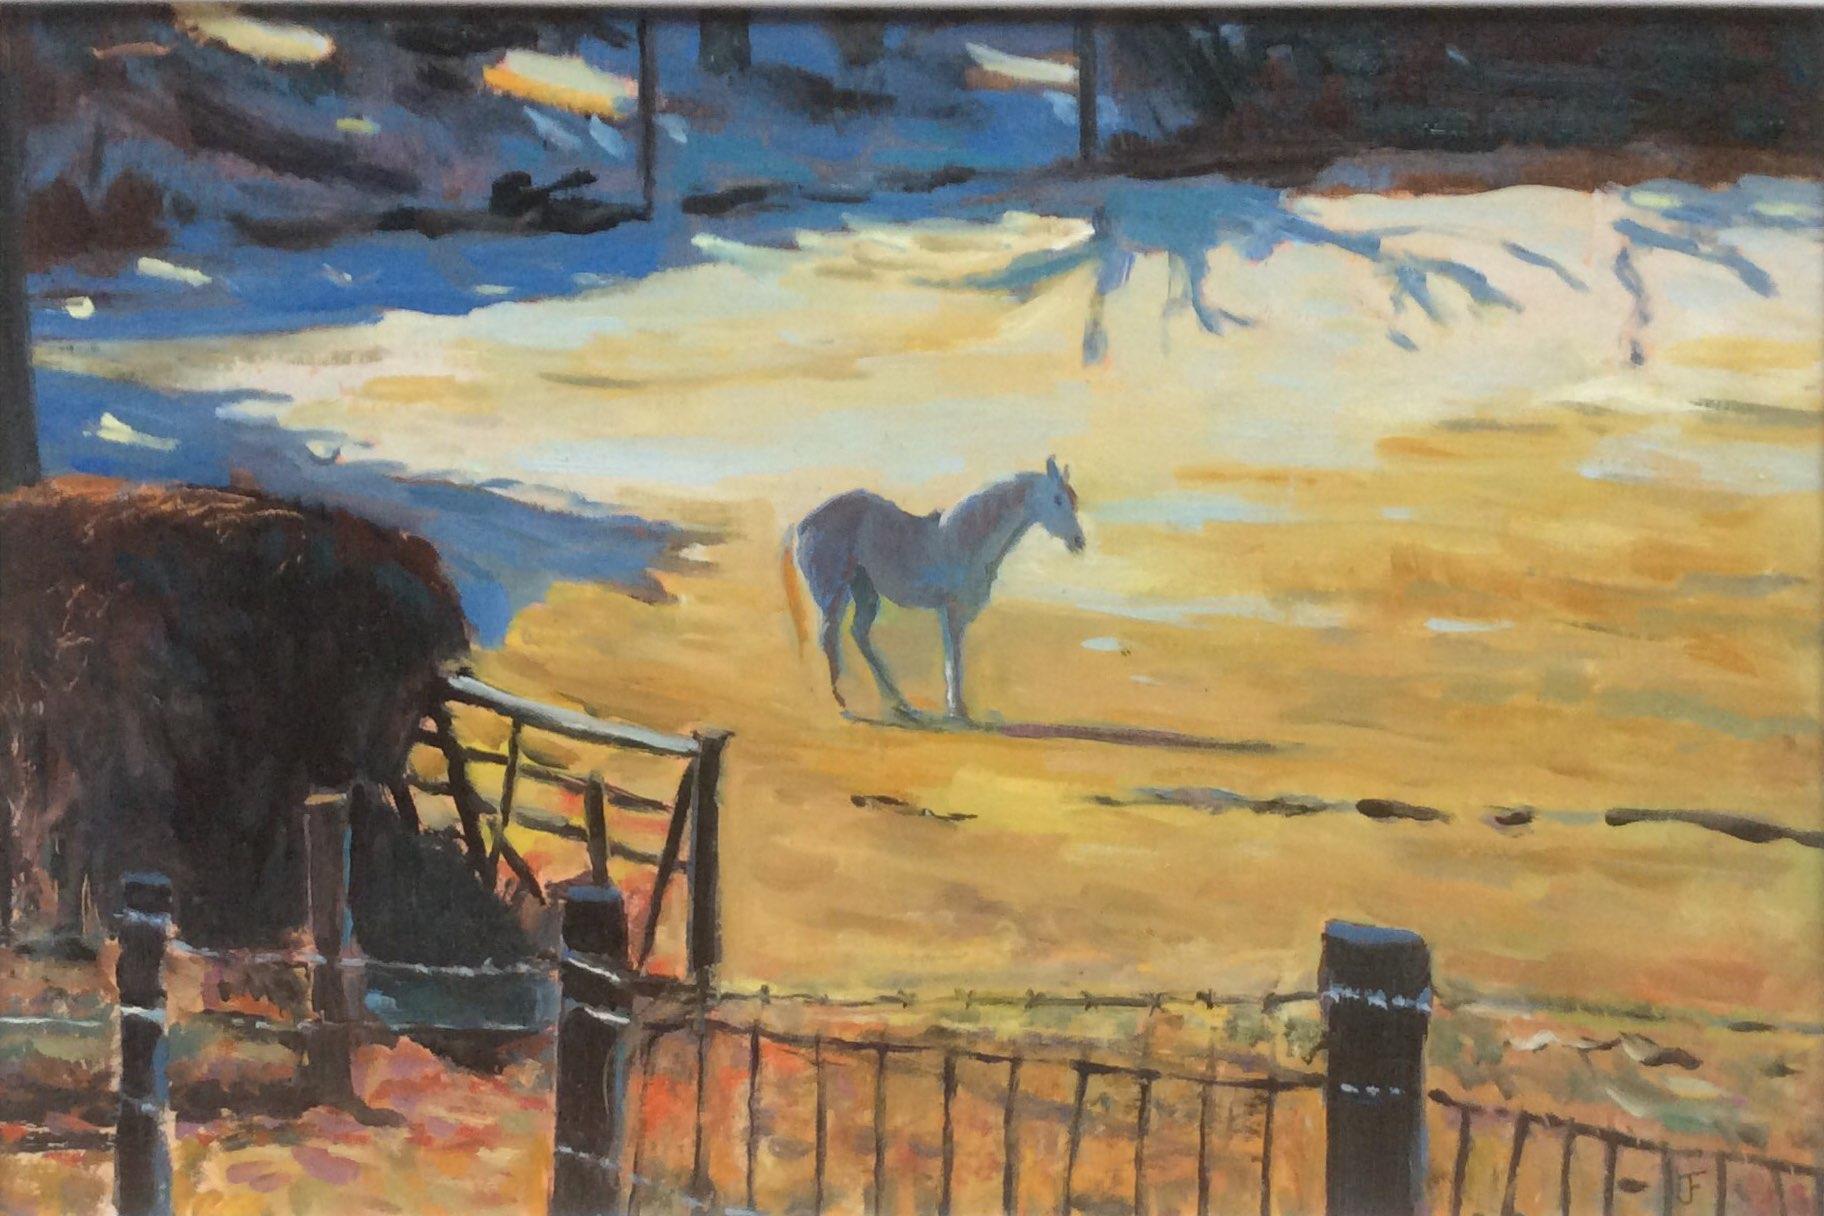 White horse oil 38.5x26.5